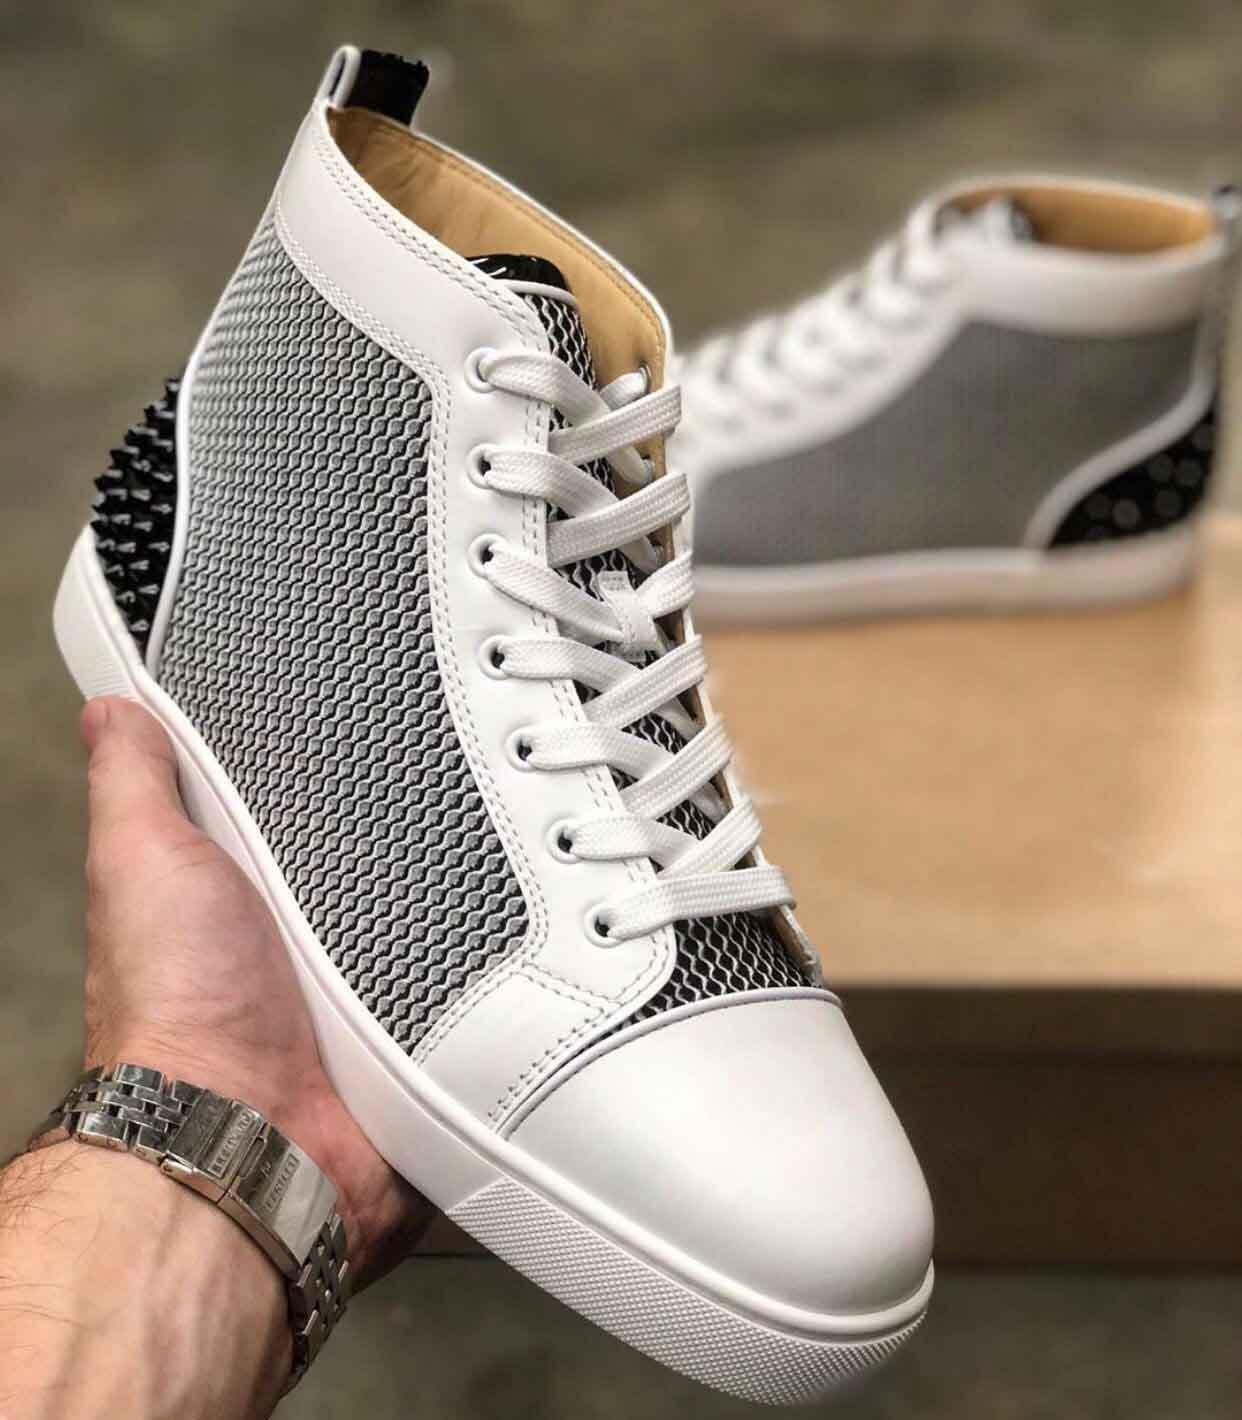 Designer di lusso inferiore rossa Spikes III uomini di alta sneaker scarpe rete pelle allenamento Da calcio Perfetto Marchi donne Rivetti appartamenti casuali